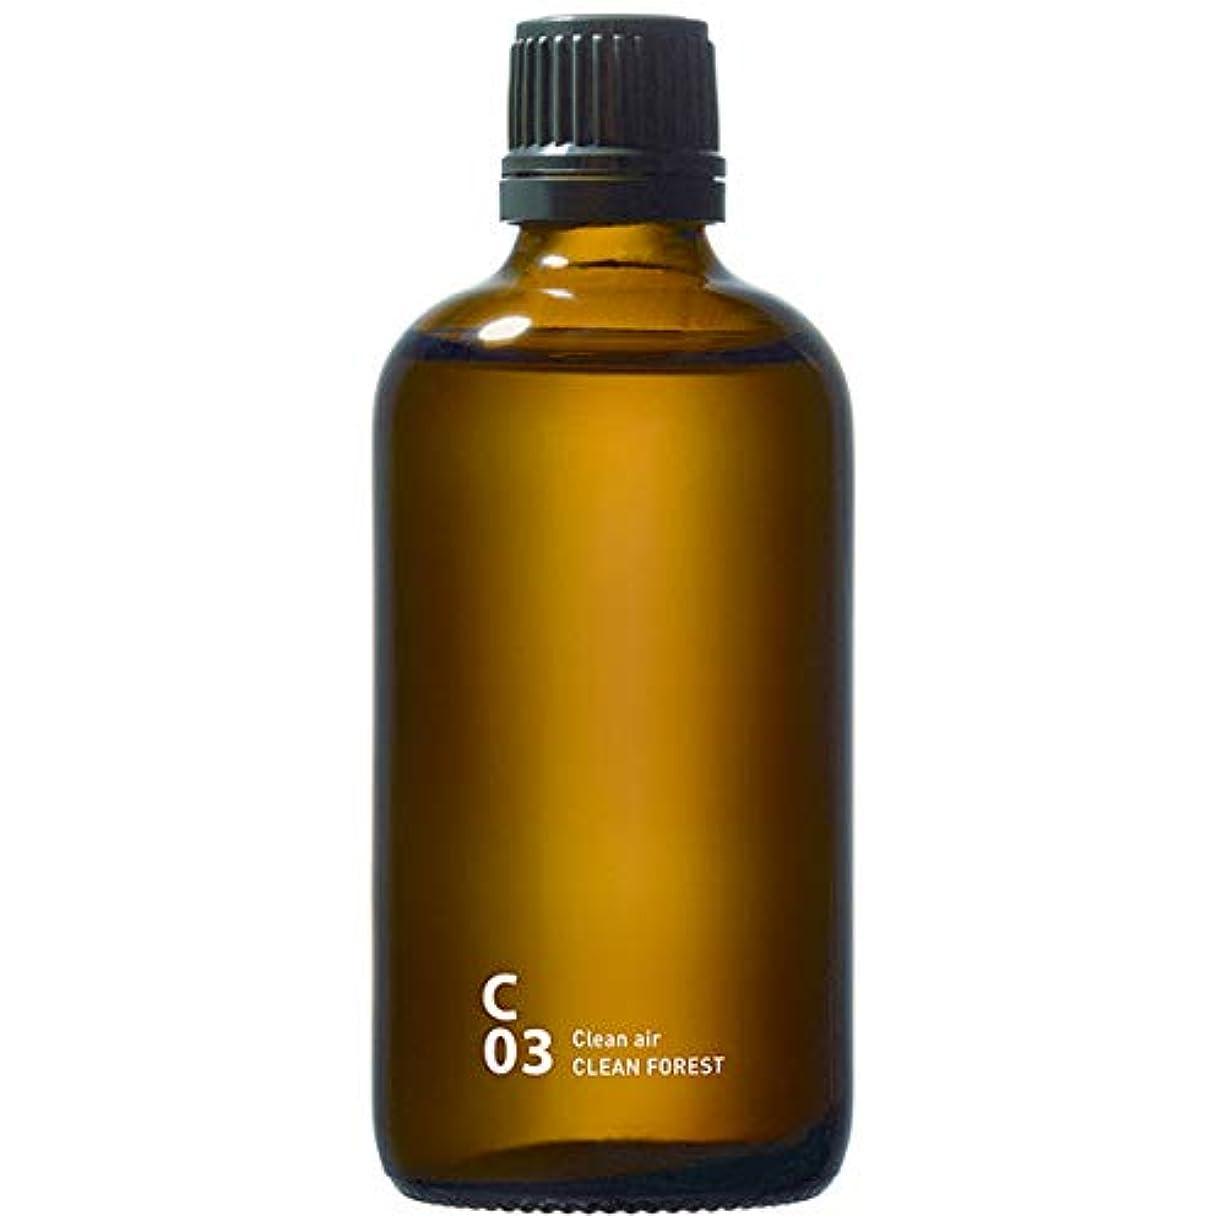 硬さ緩めるポジションC03 CLEAN FOREST piezo aroma oil 100ml